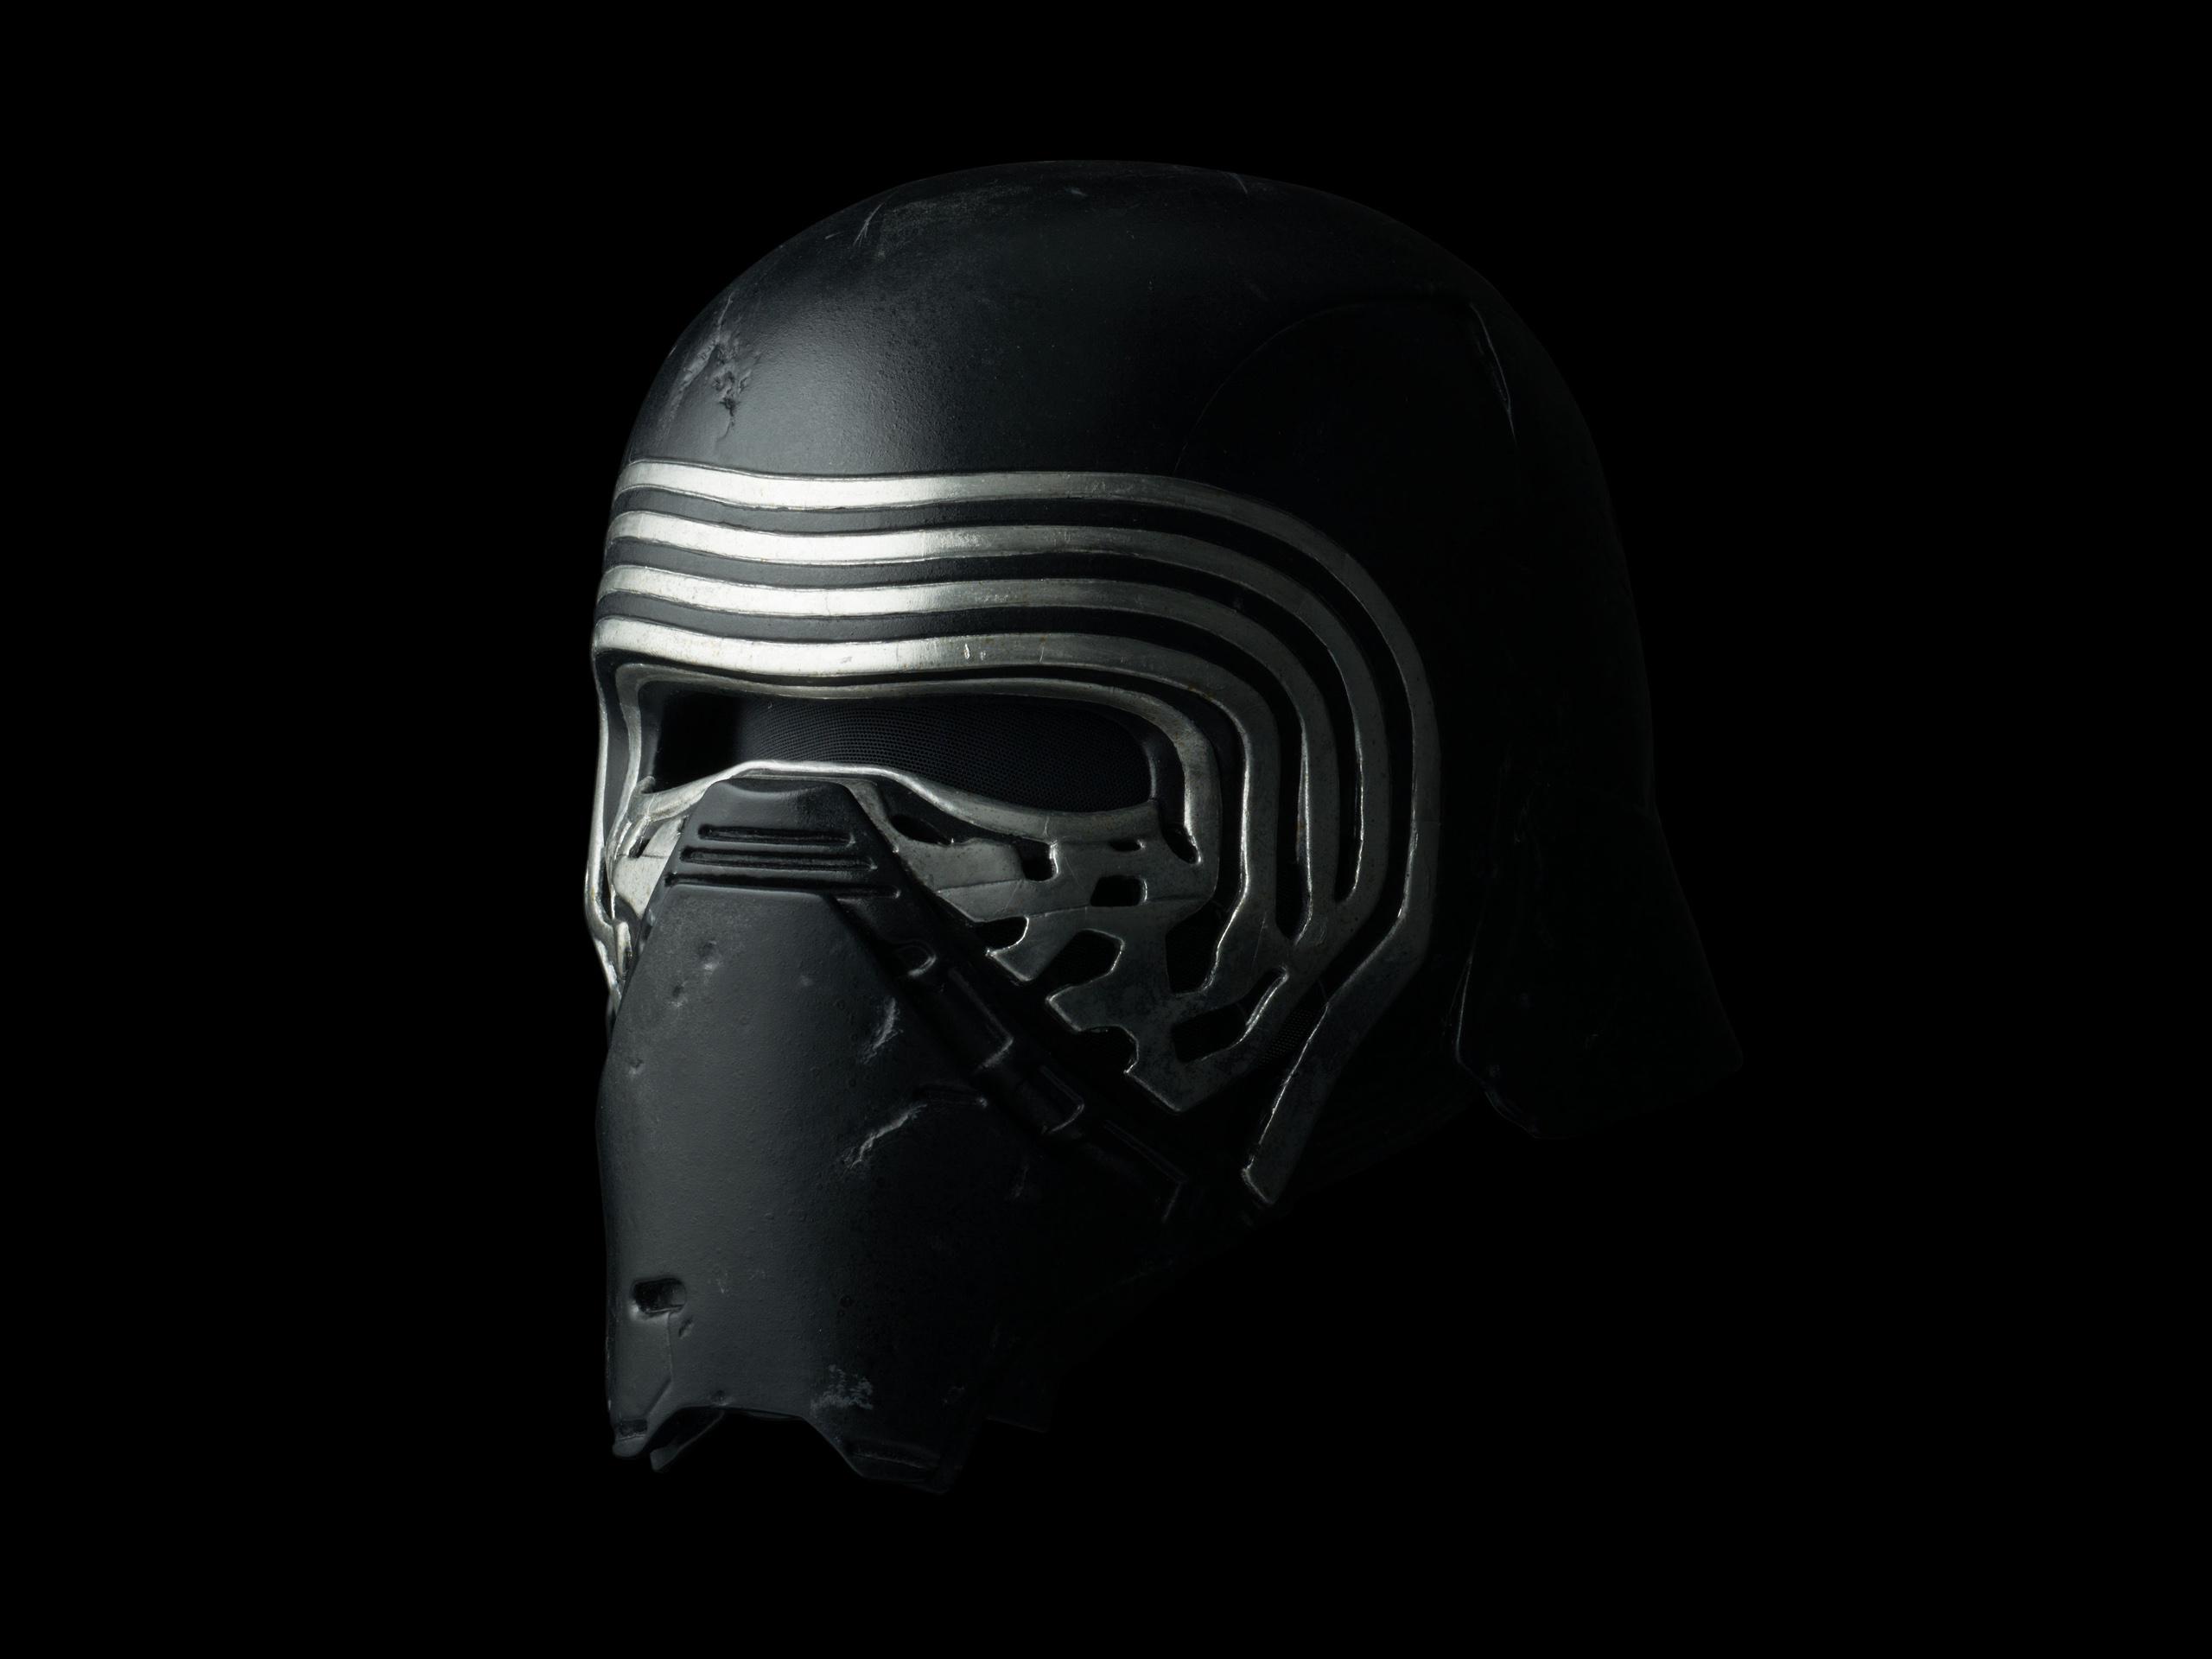 A replica of Kylo Ren's helmet.